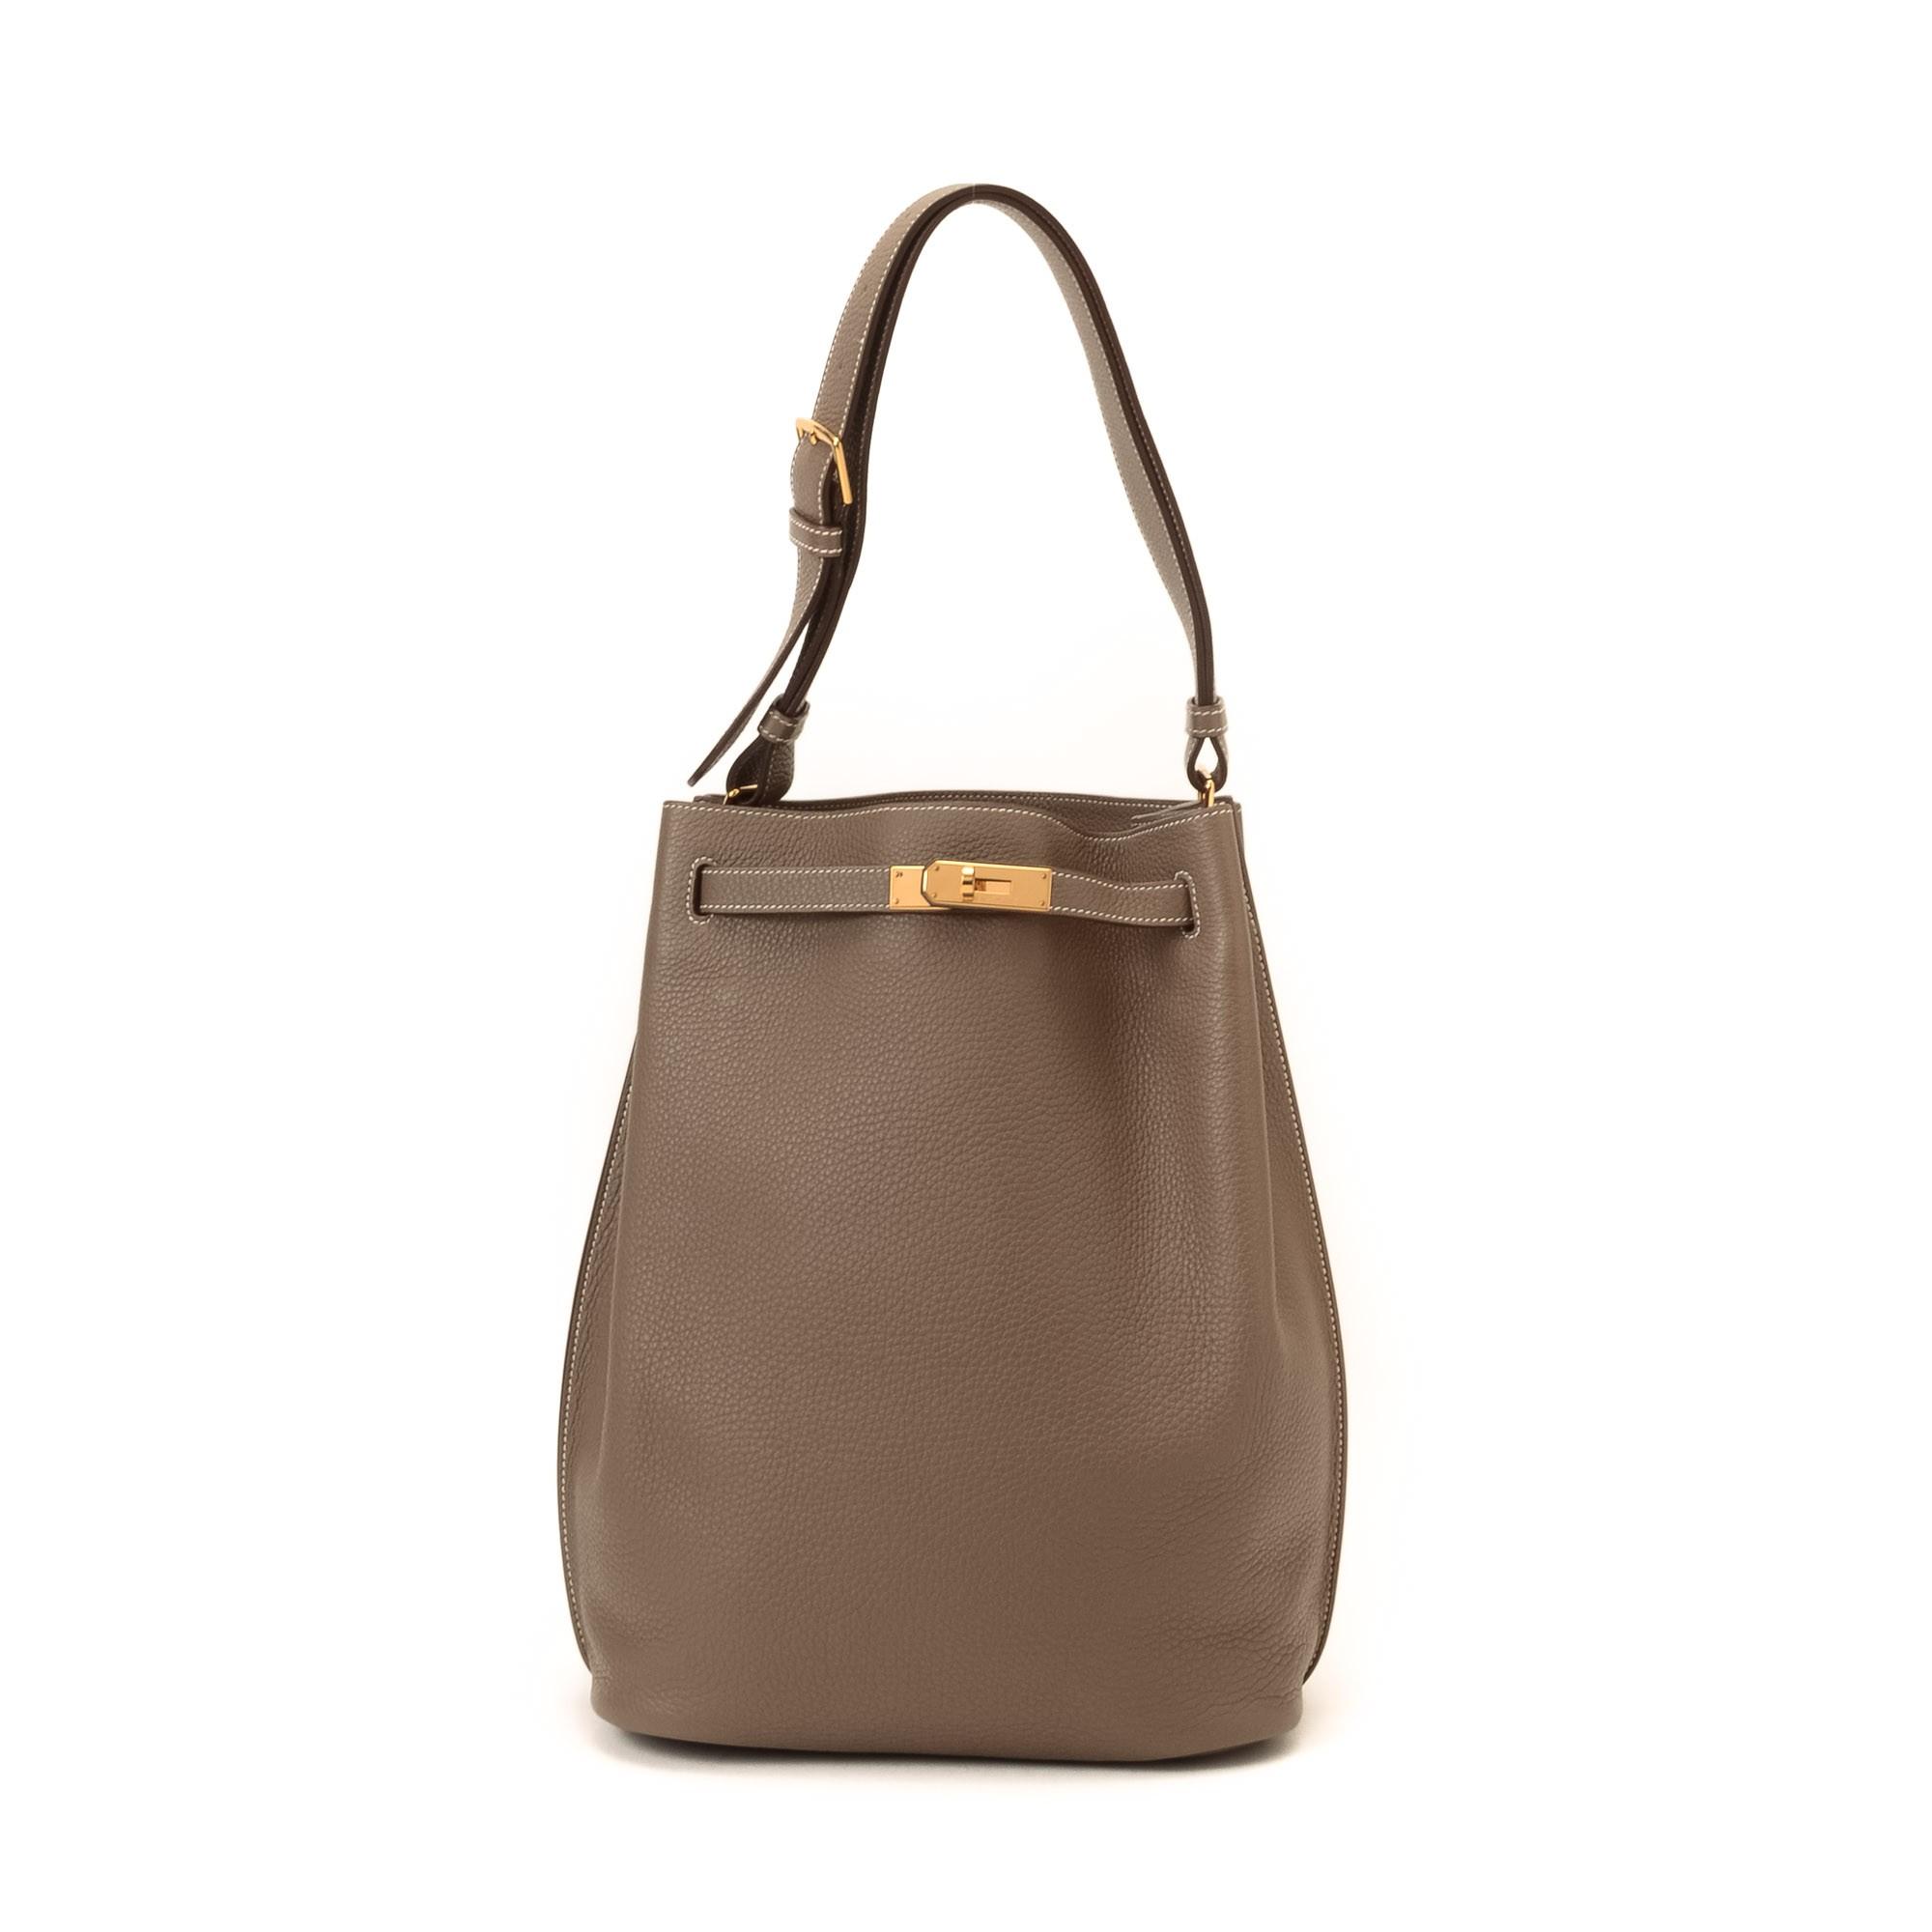 Buy Etoupe Calf Hermes Shoulder Bag At Lxr Amp Co